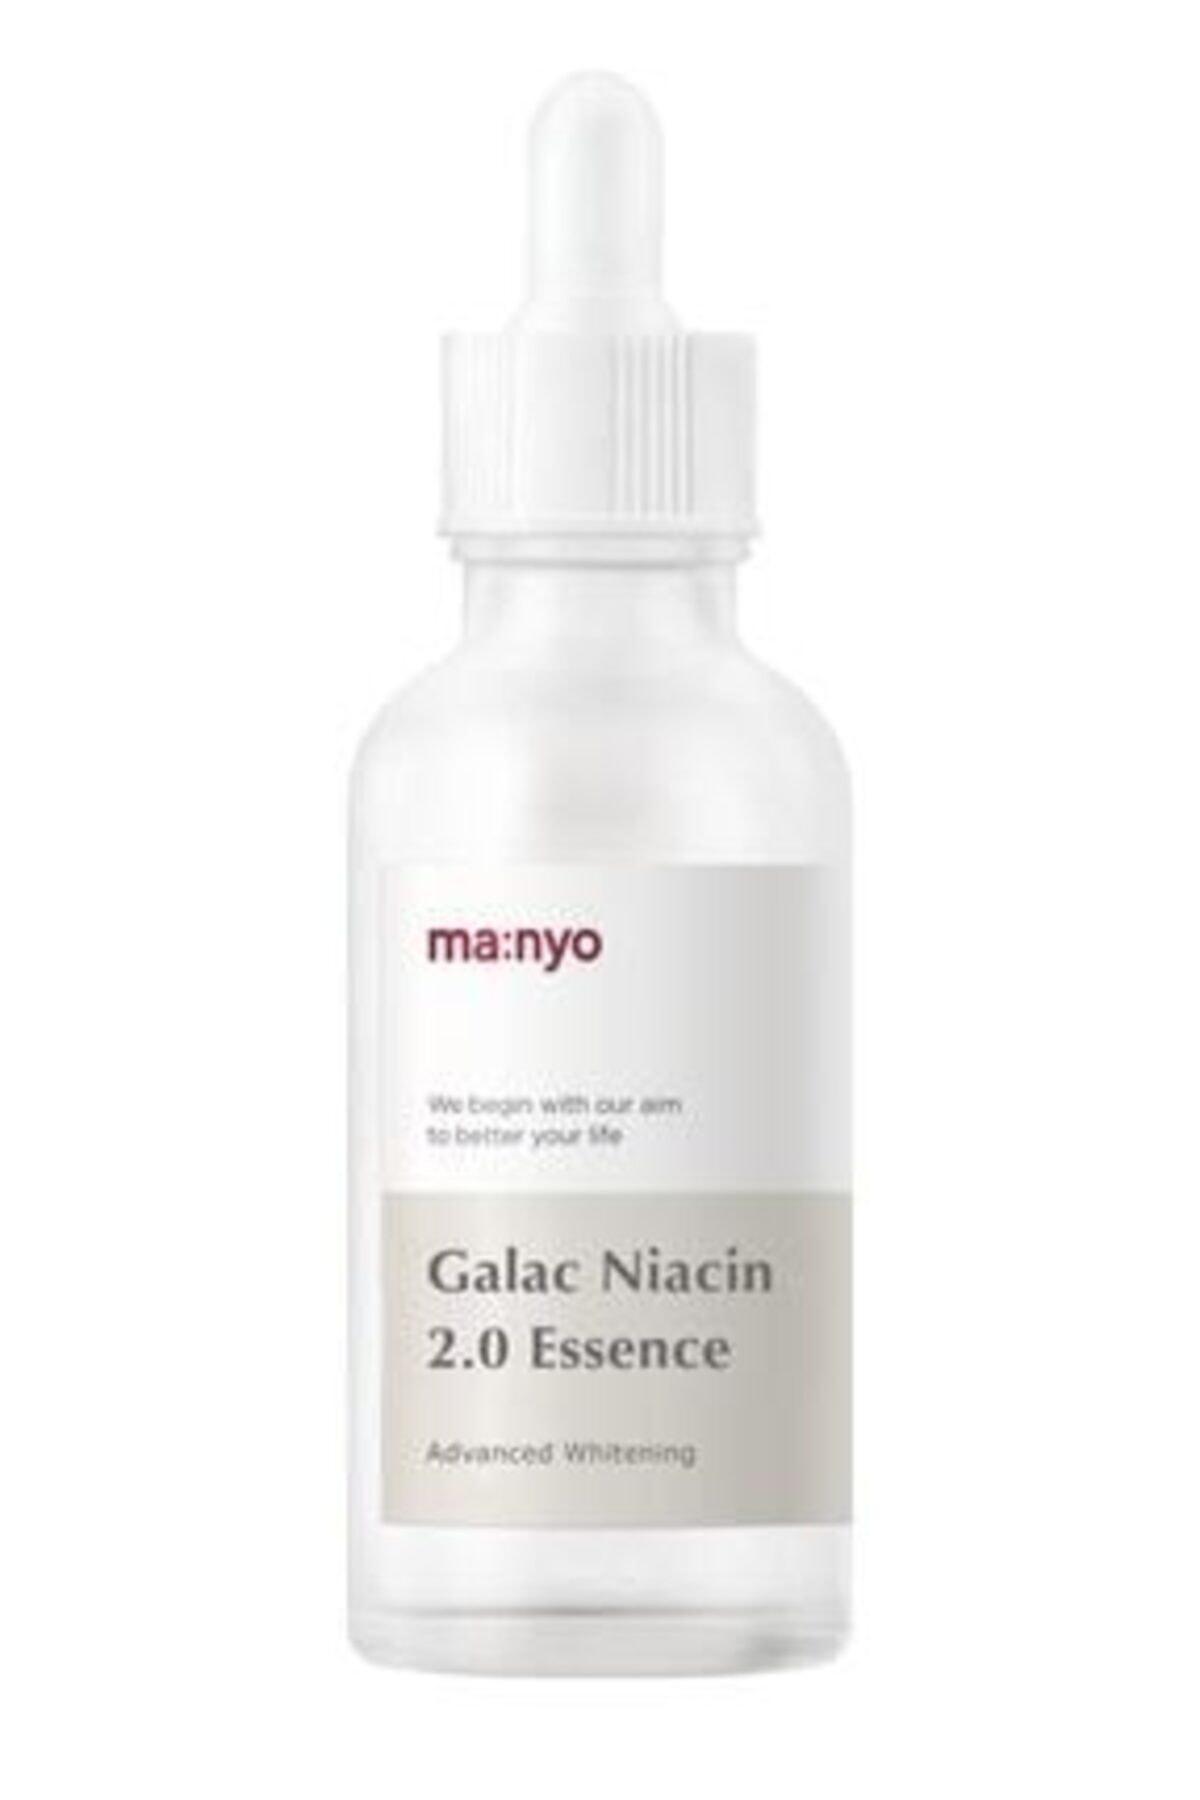 Manyo Galactomy Niacin 2.0 Essence Aydınlatıcı Maya Özlü Esans 2. Versiyon 50ml 1